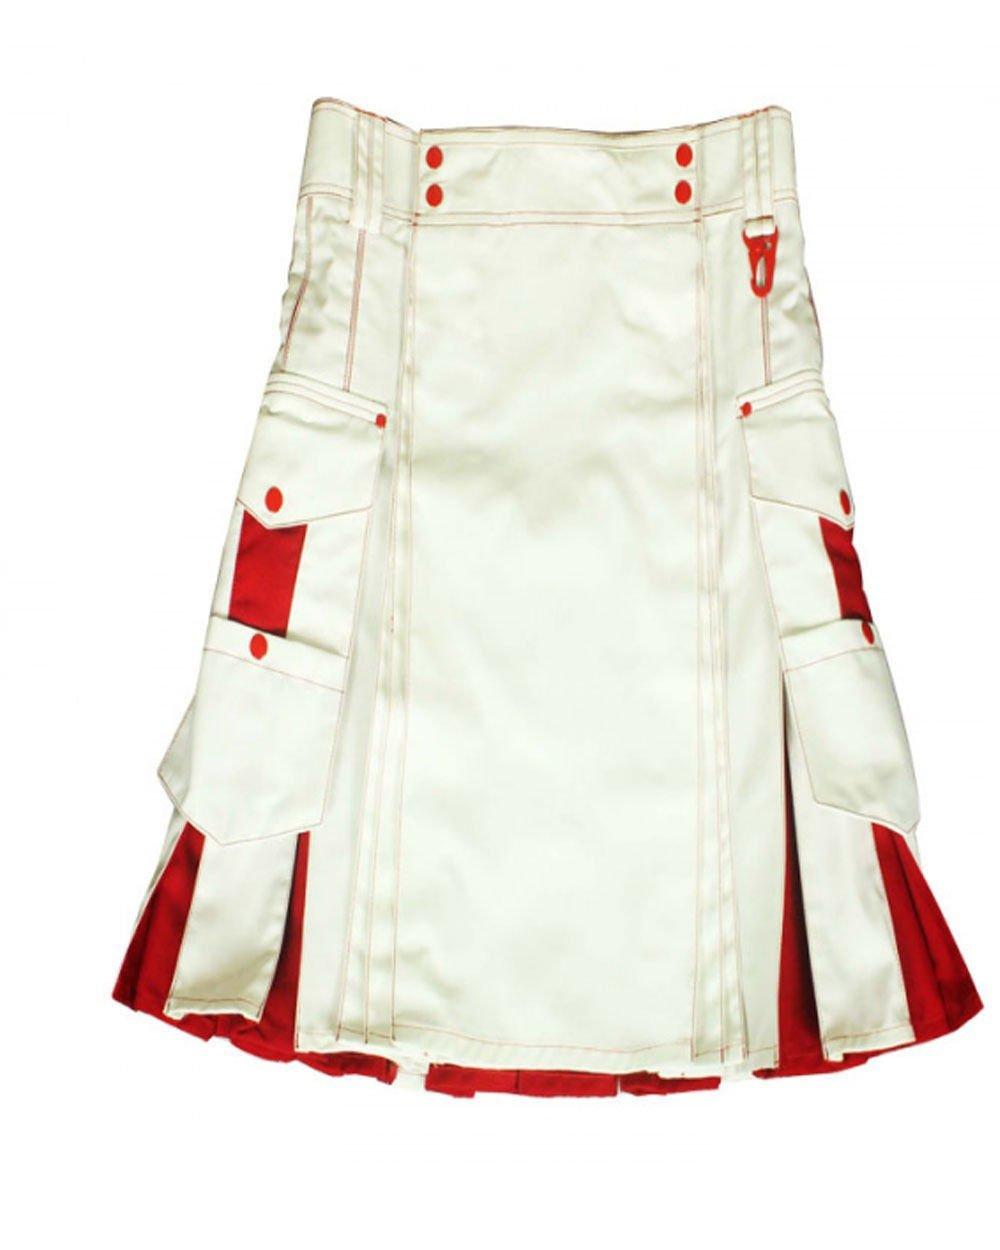 44 Size Handmade White & Red Cotton Kilt for Active Men, Hybrid Cotton Utility Deluxe Kilt